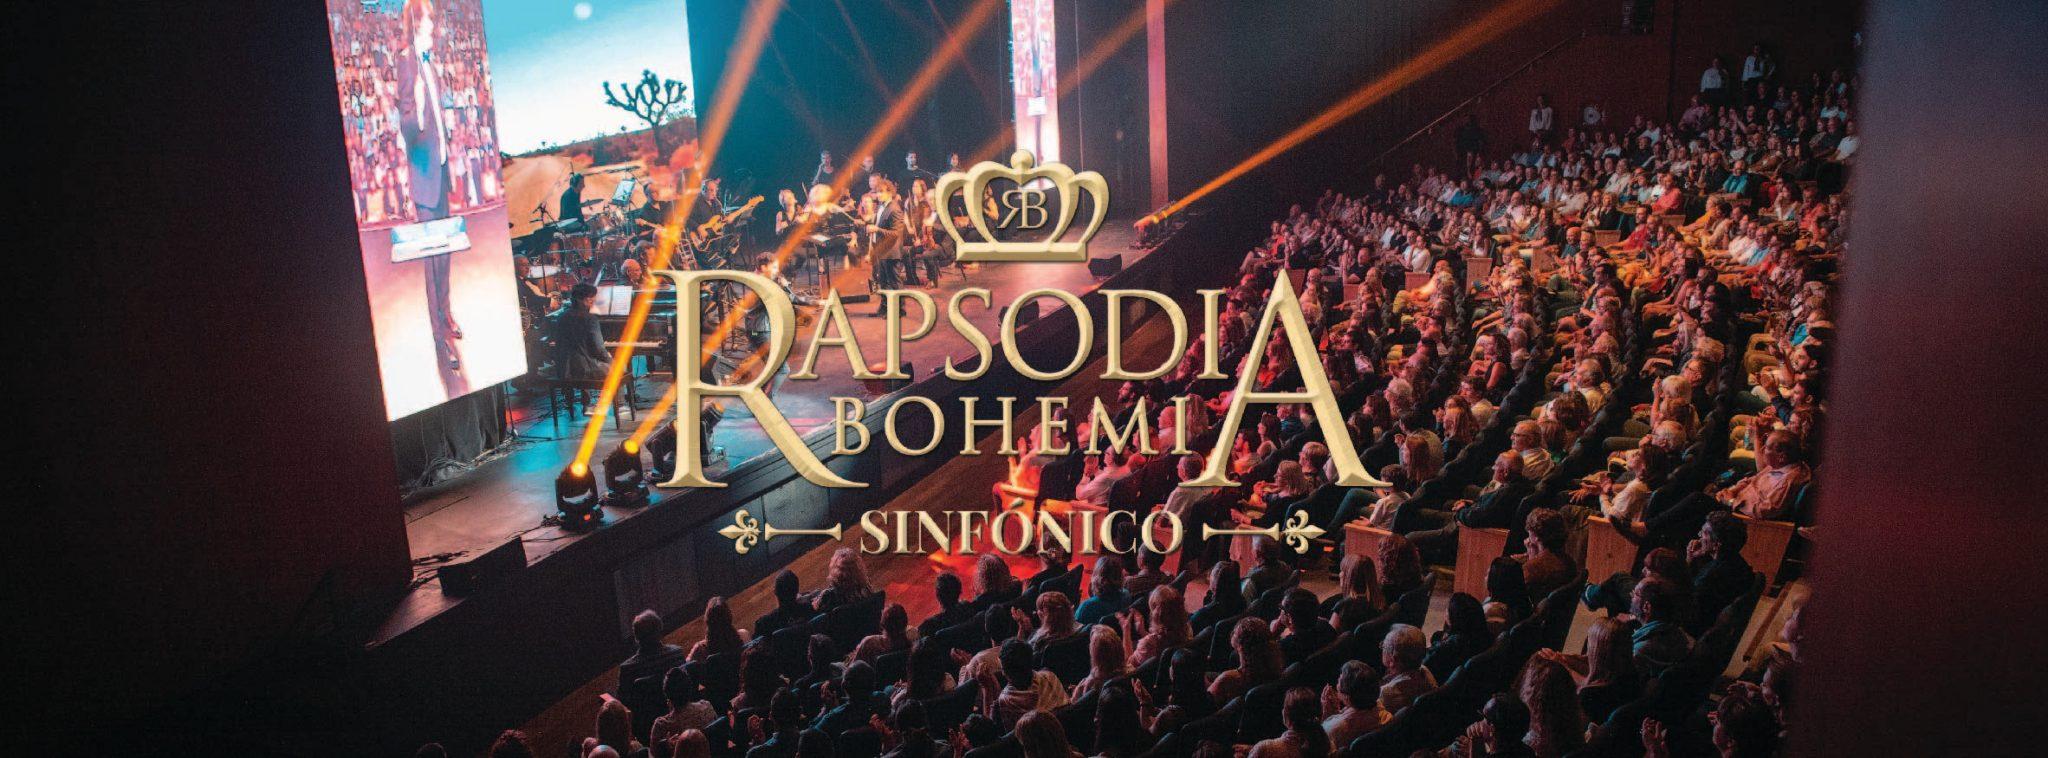 Por localidades agotadas, ¡Nueva y última función de Rapsodia Bohemia Sinfónico!